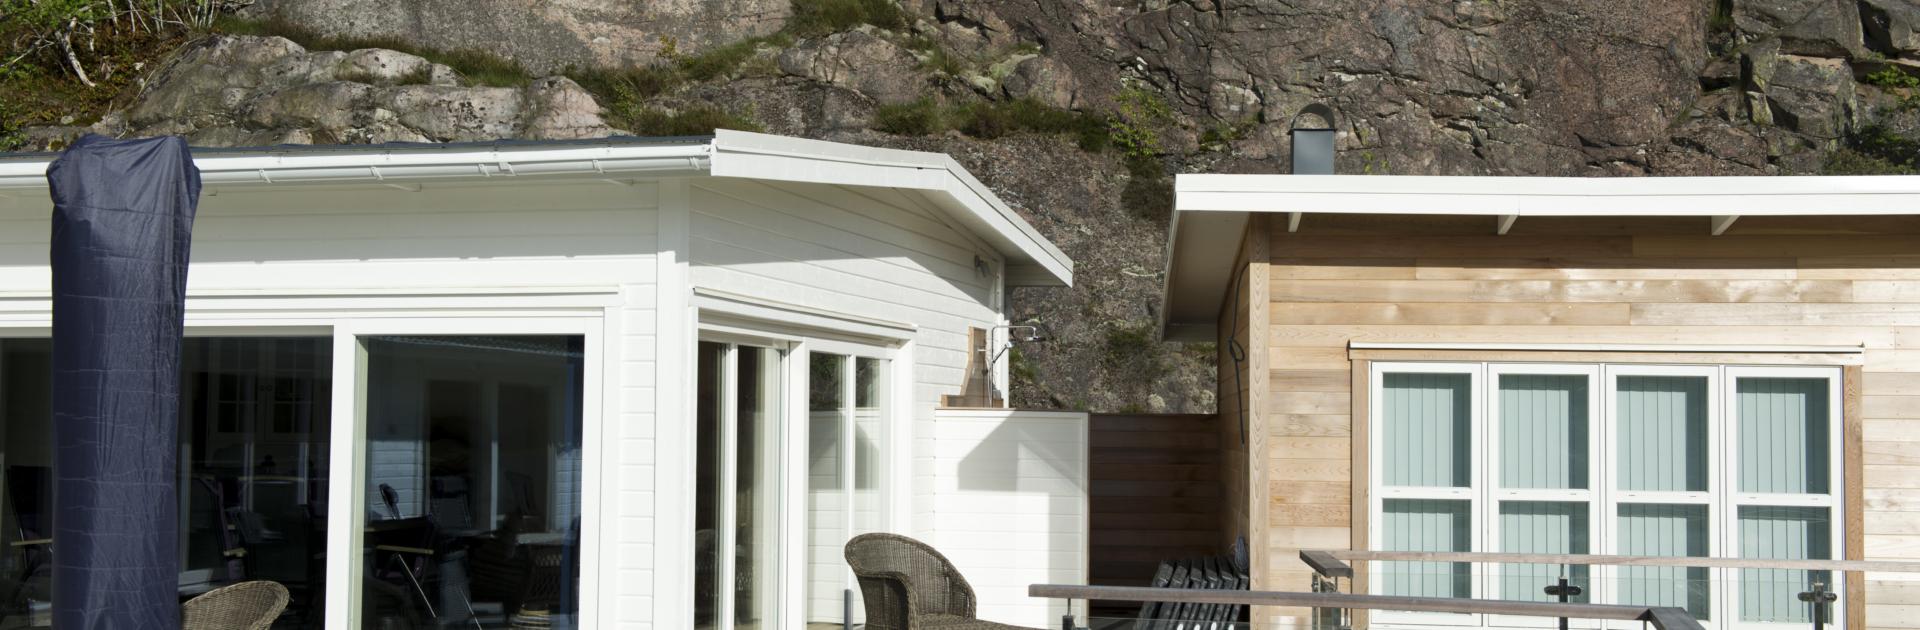 ombyggnad tillbyggnad Trollhättan Vänersborg Uddevalla Thorssons bygg